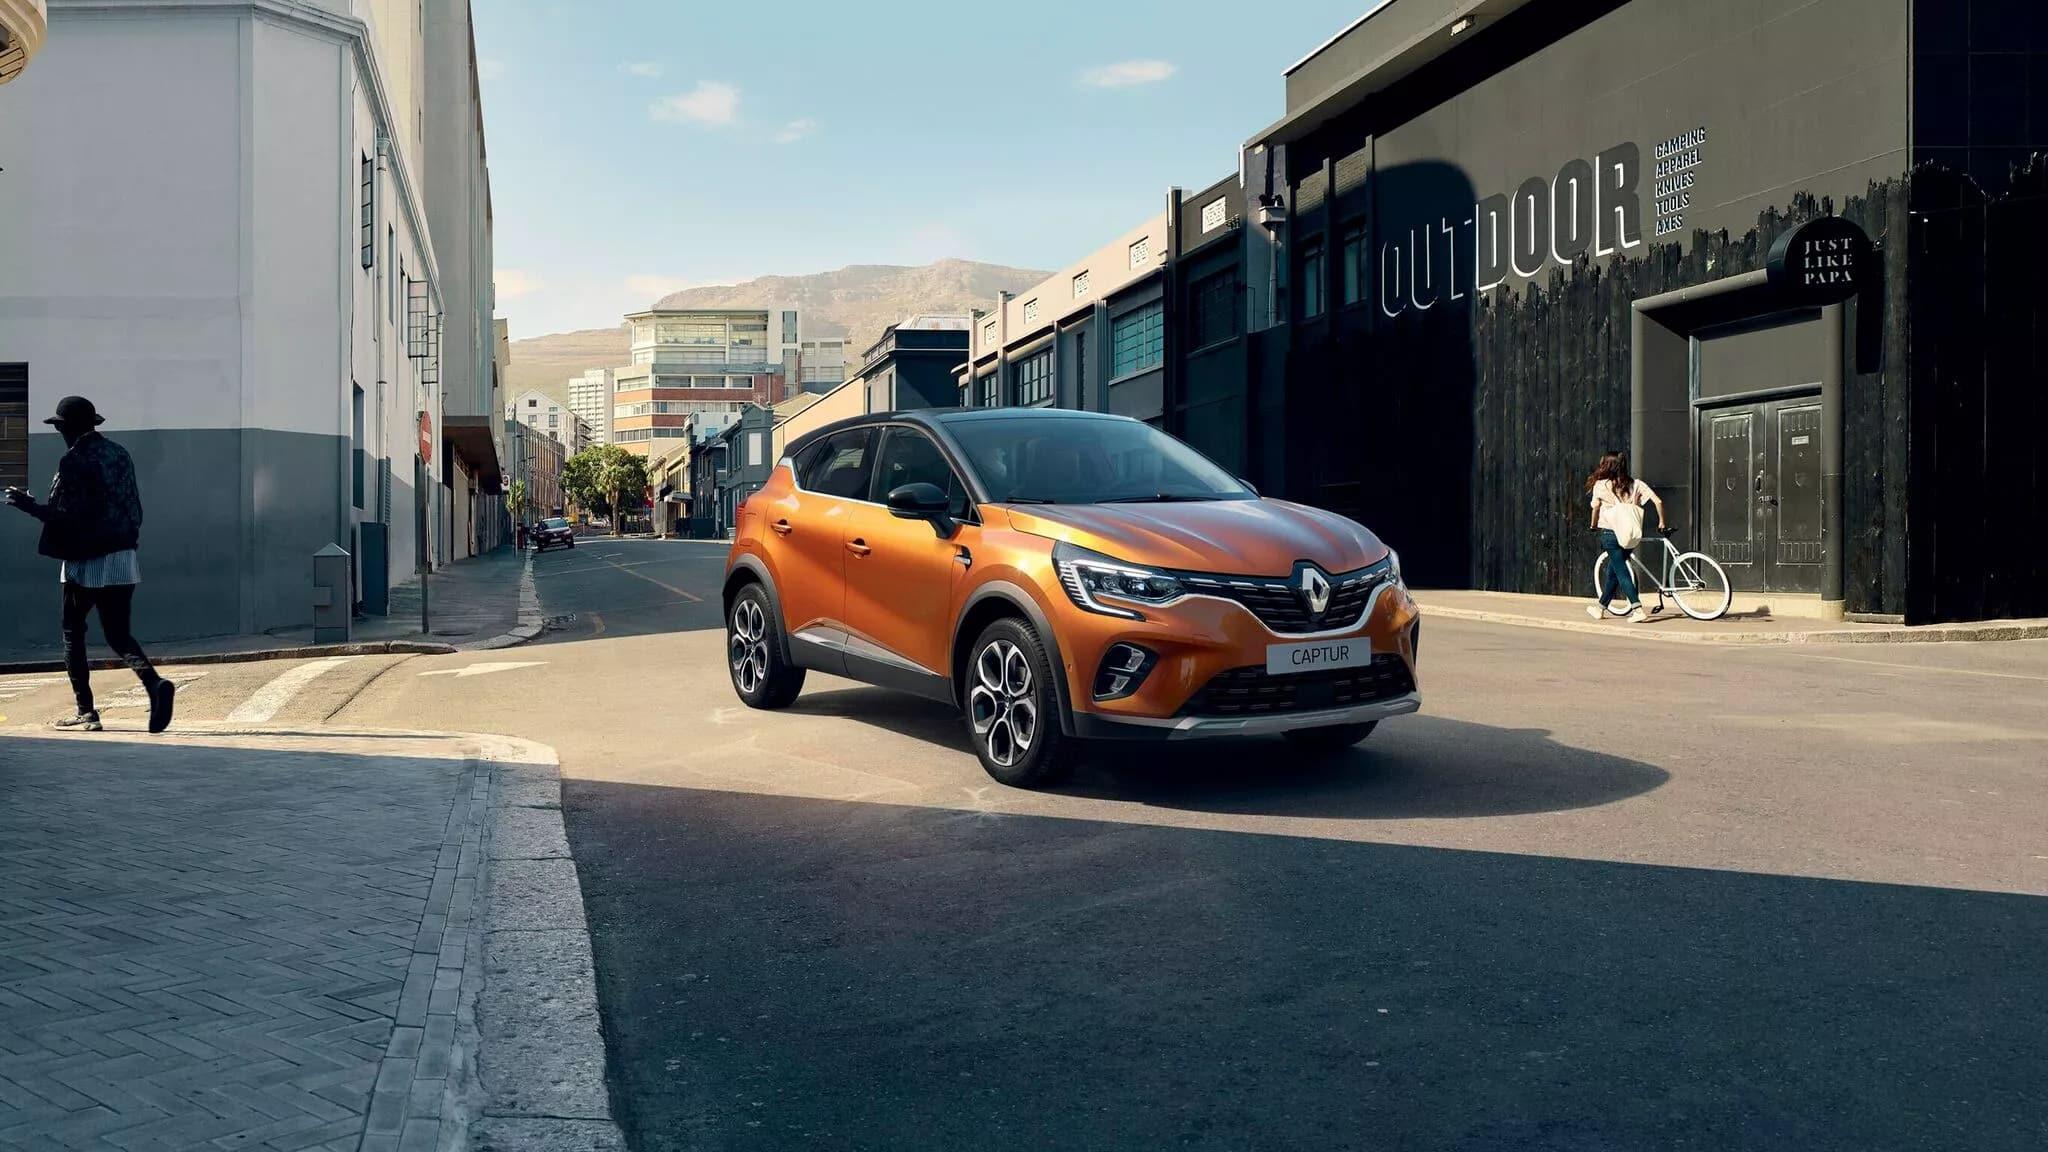 Новый Renault CAPTUR фото екстер'єру 6